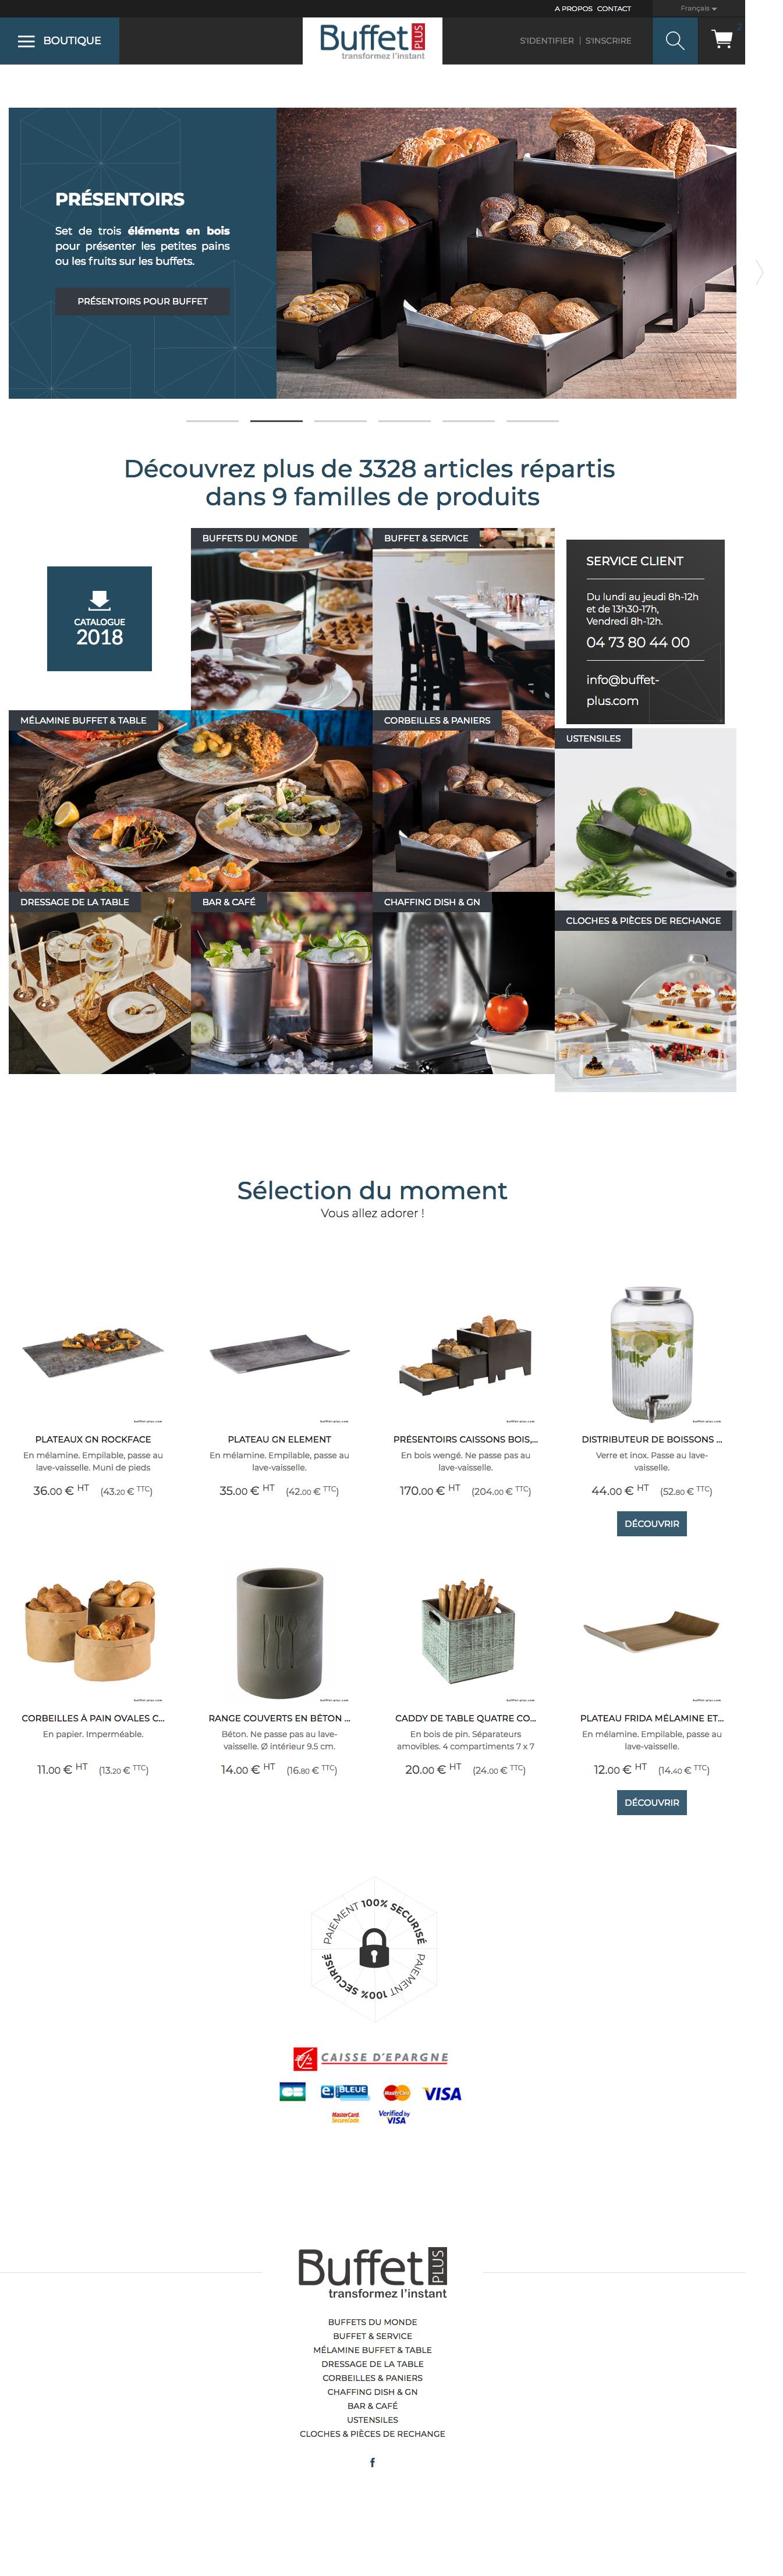 Buffet-plus-APS-materiel-restauration.png